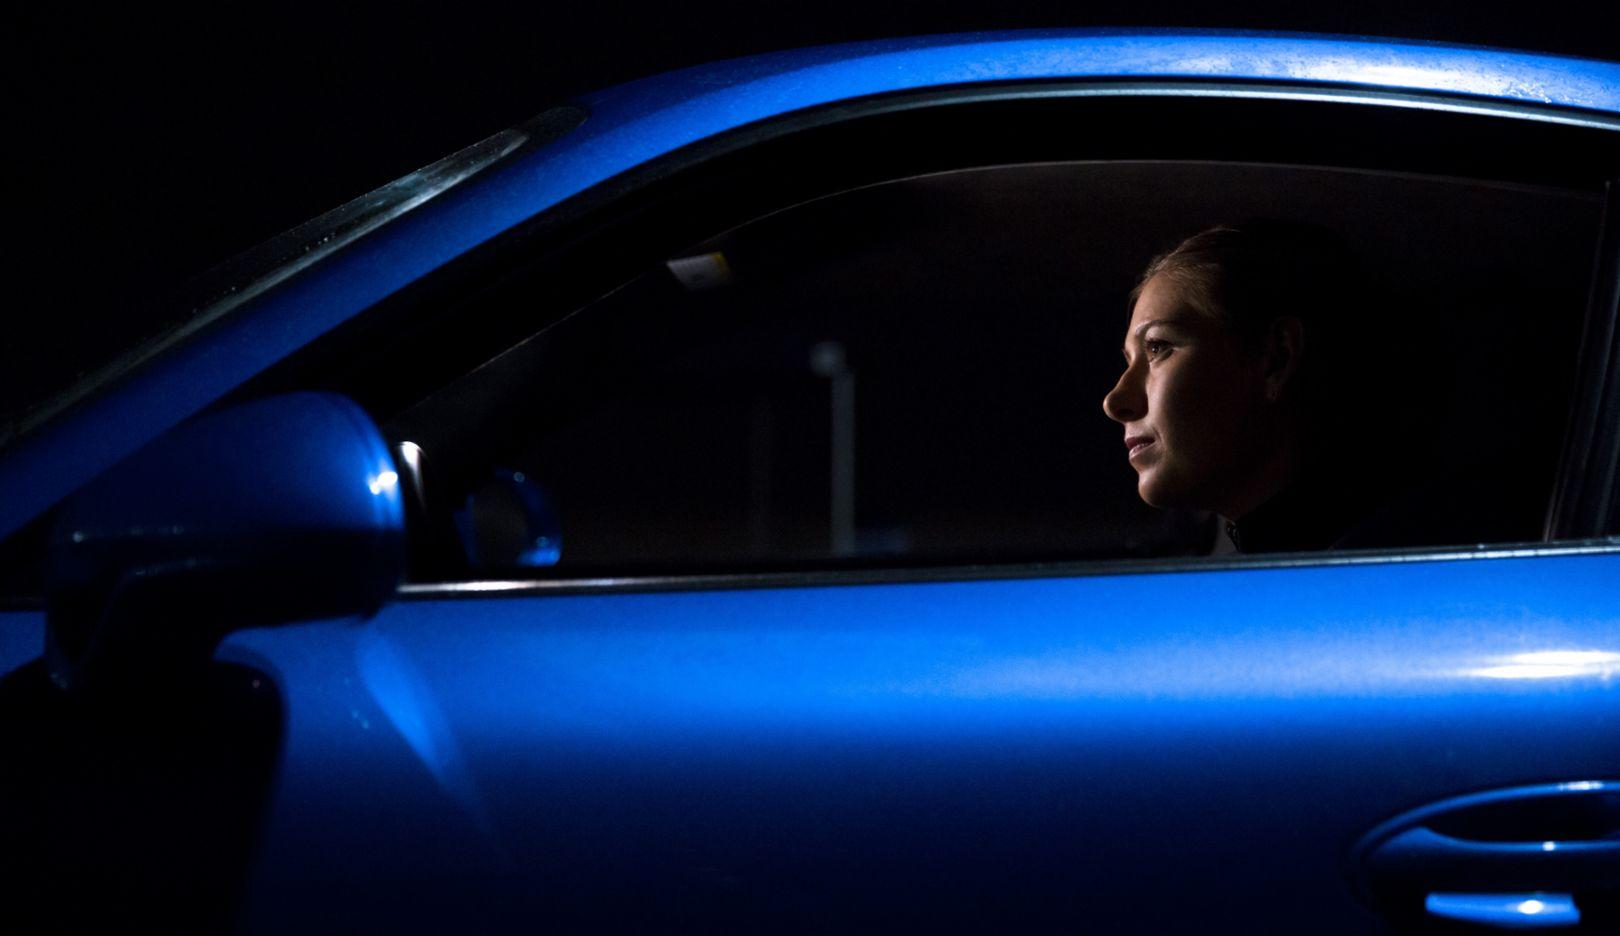 Porsche brand ambassador Maria Sharapova